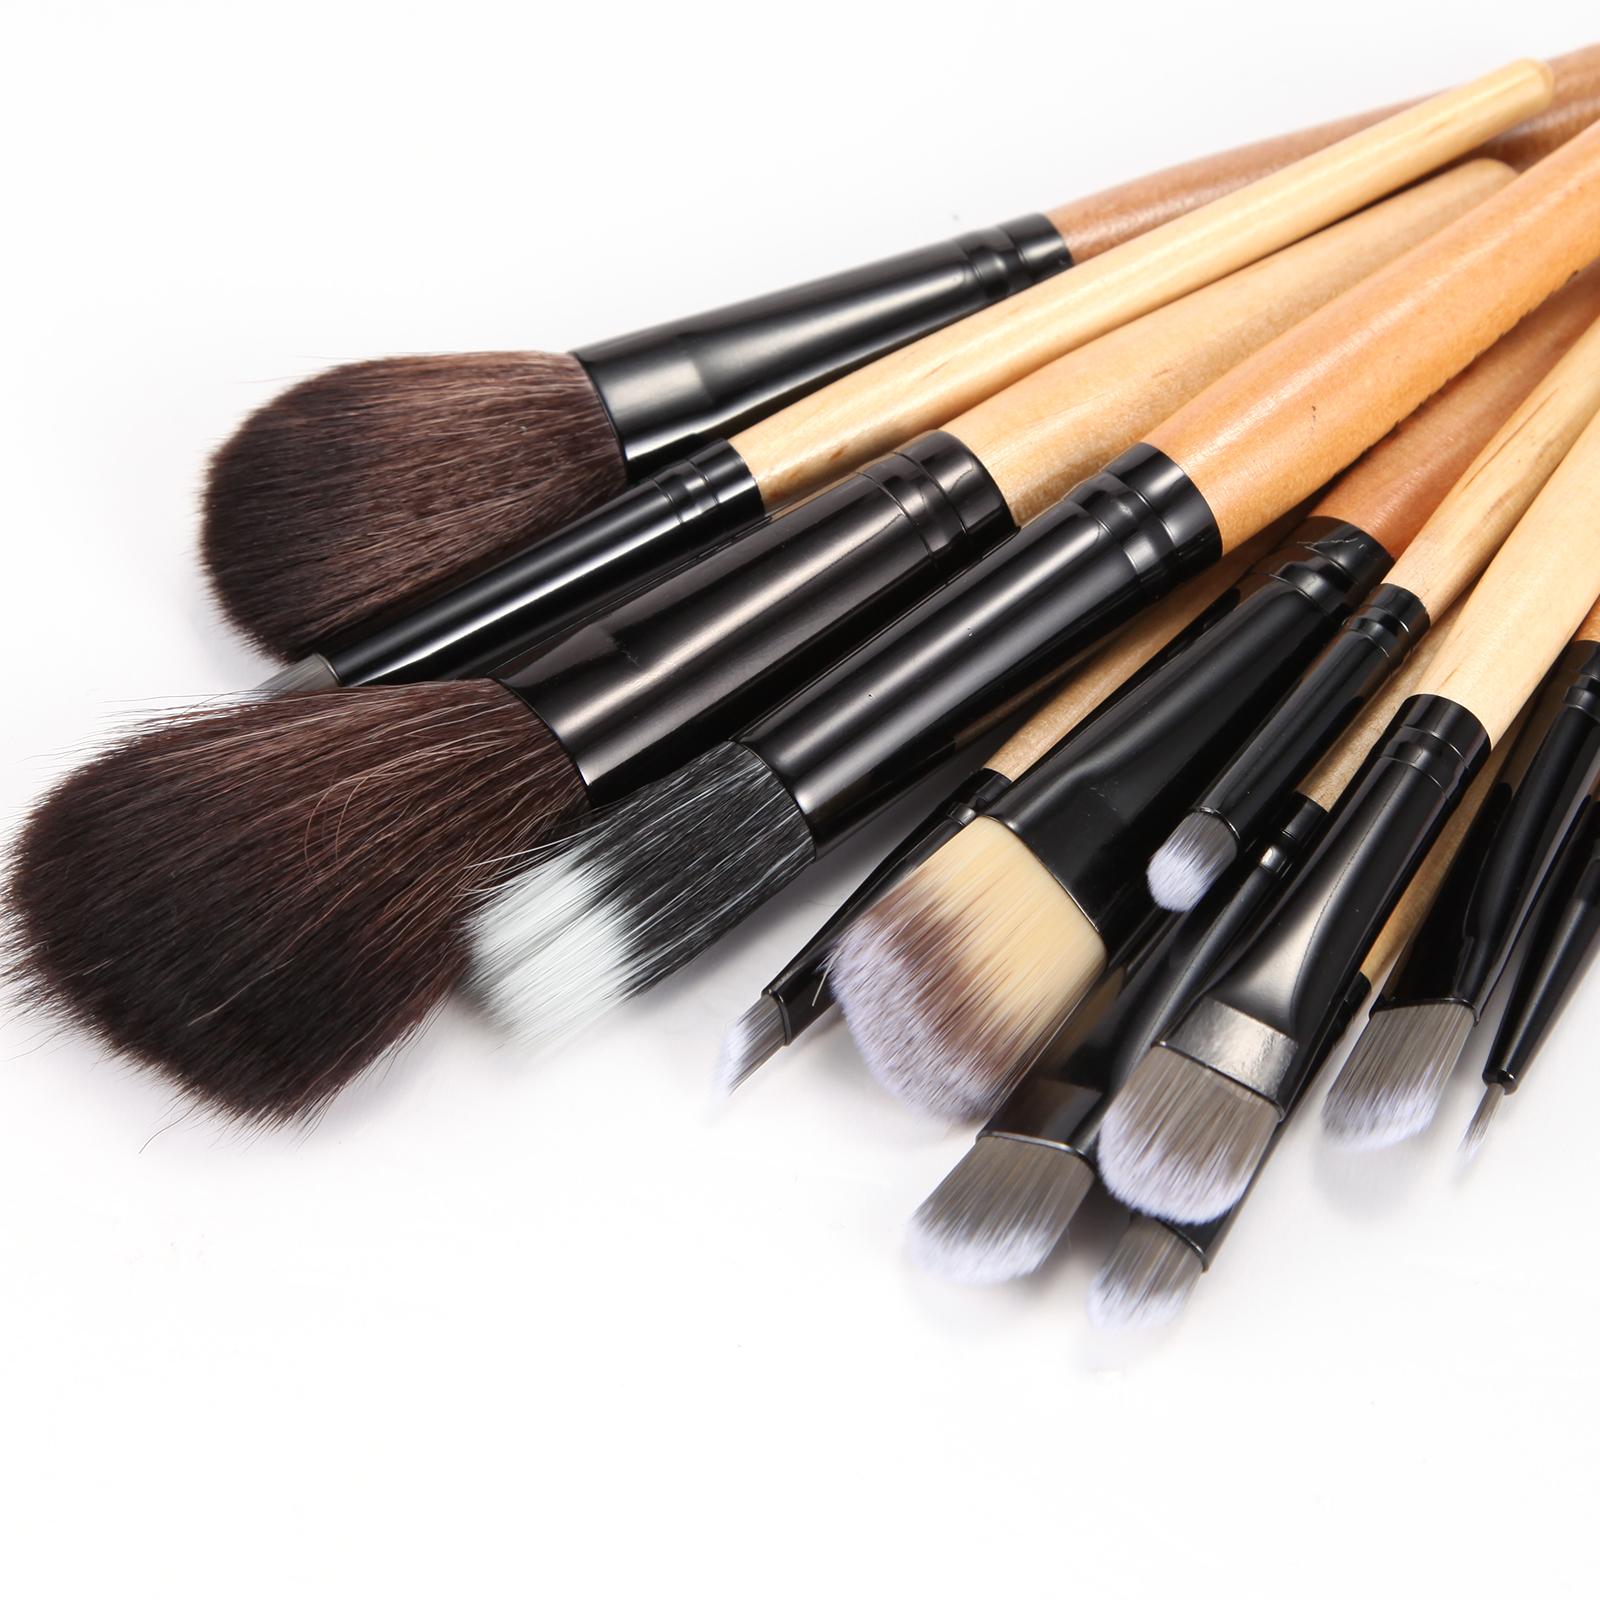 12 tlg professionelle make up pinsel set brush kosmetik. Black Bedroom Furniture Sets. Home Design Ideas